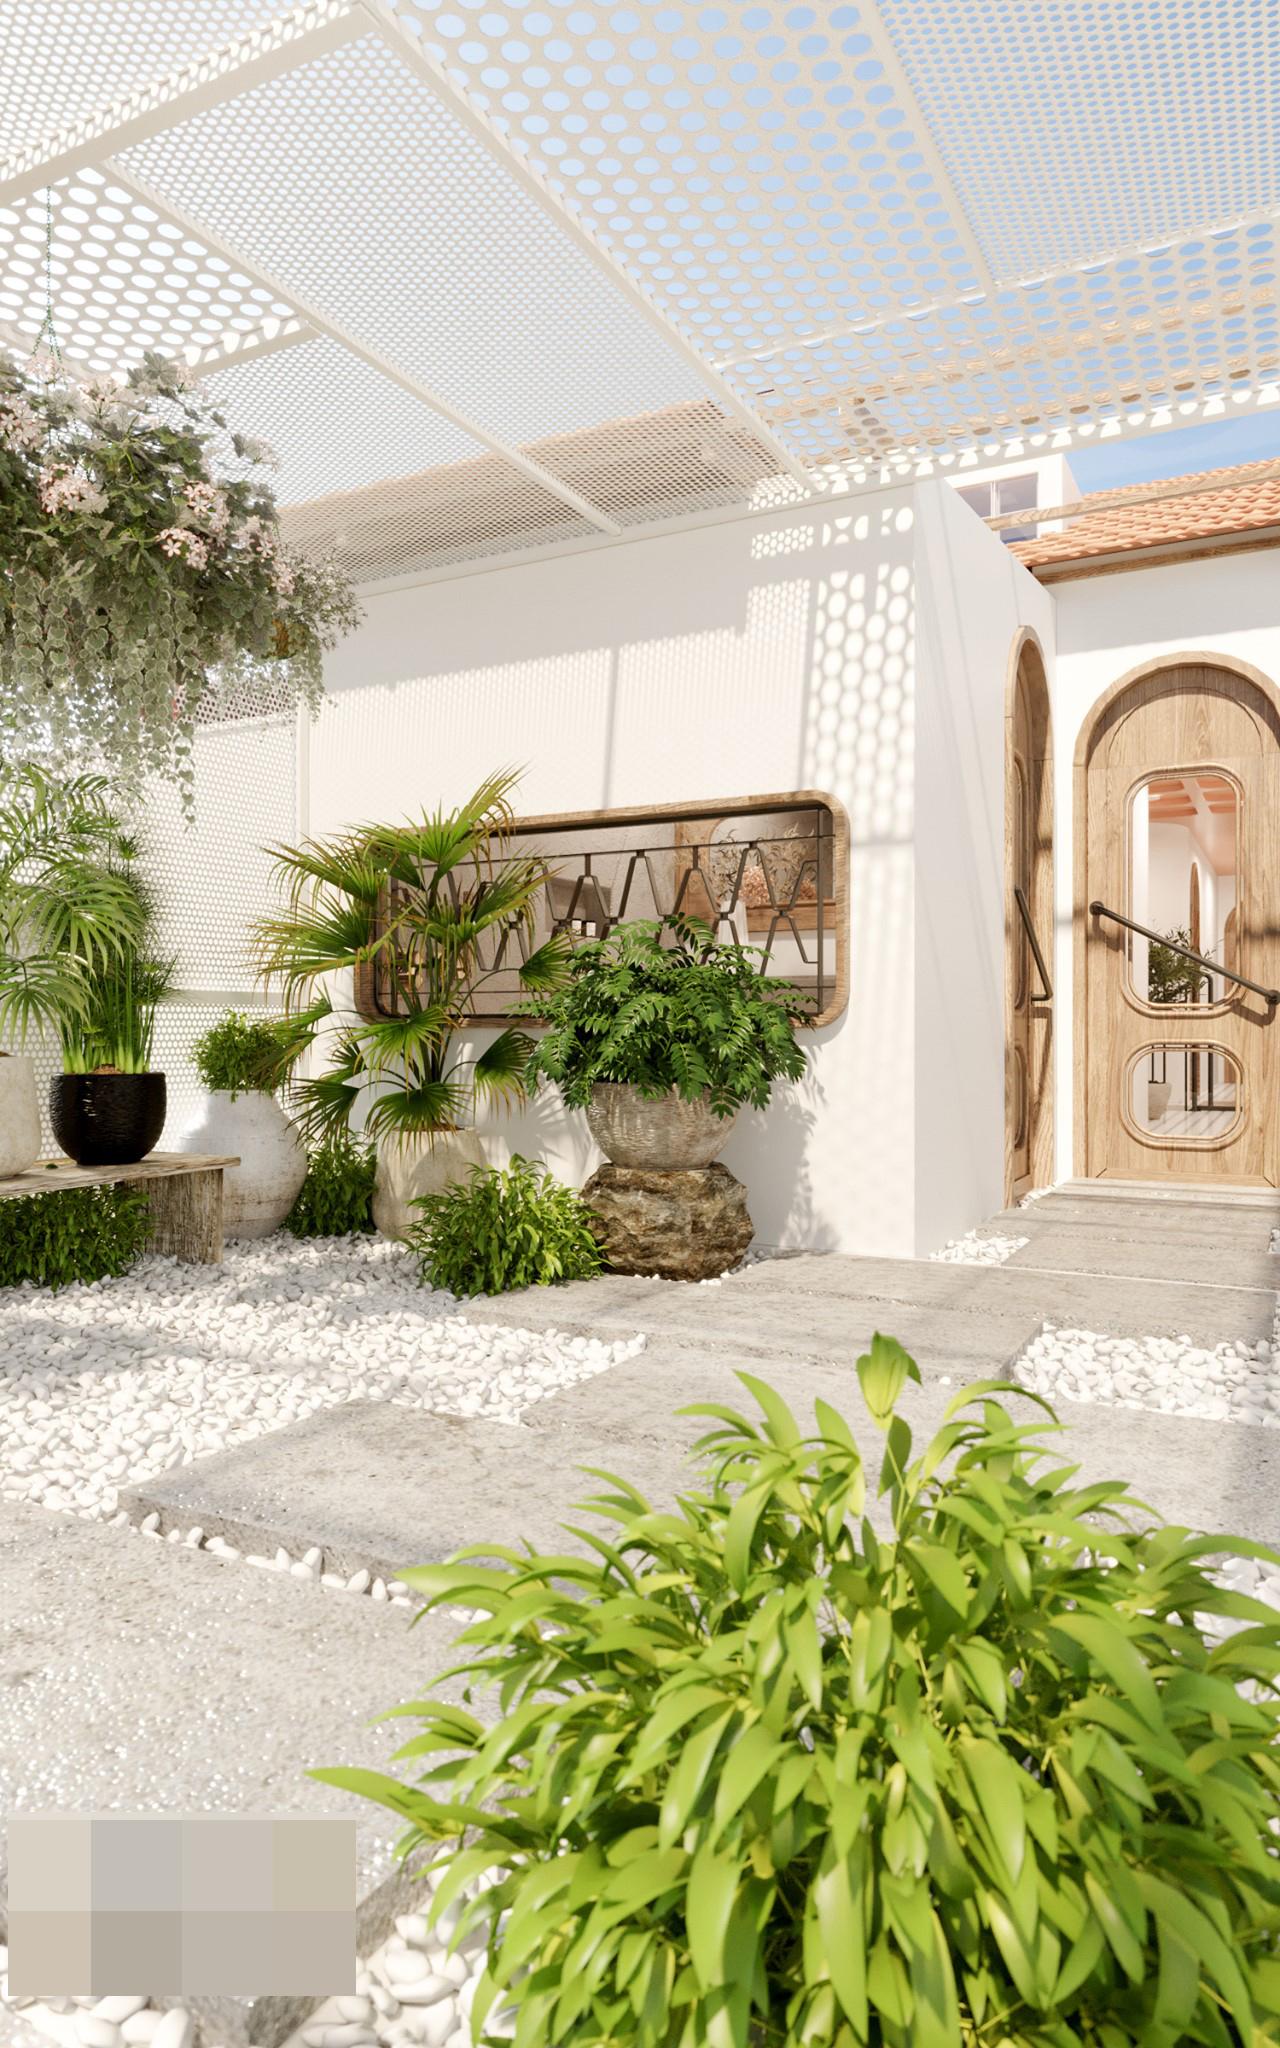 Ngôi nhà như thiên đường nghỉ dưỡng giữa thành phố